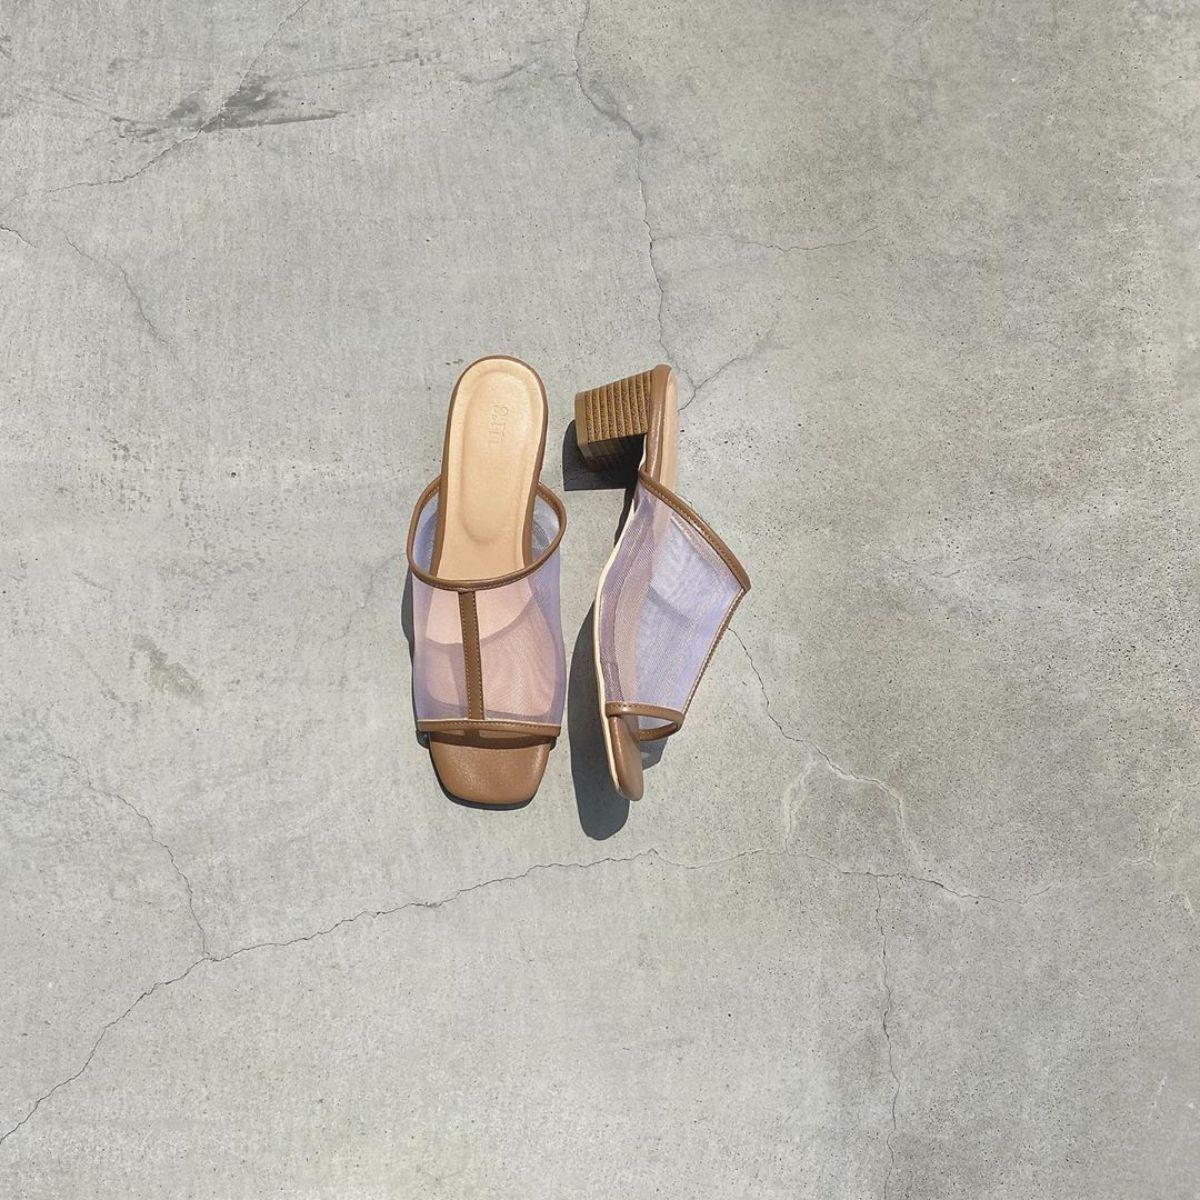 今年の夏は「チュールサンダル」で大人な抜け感を。裸足のようなヌーディーなデザインがおしゃれなんです♪